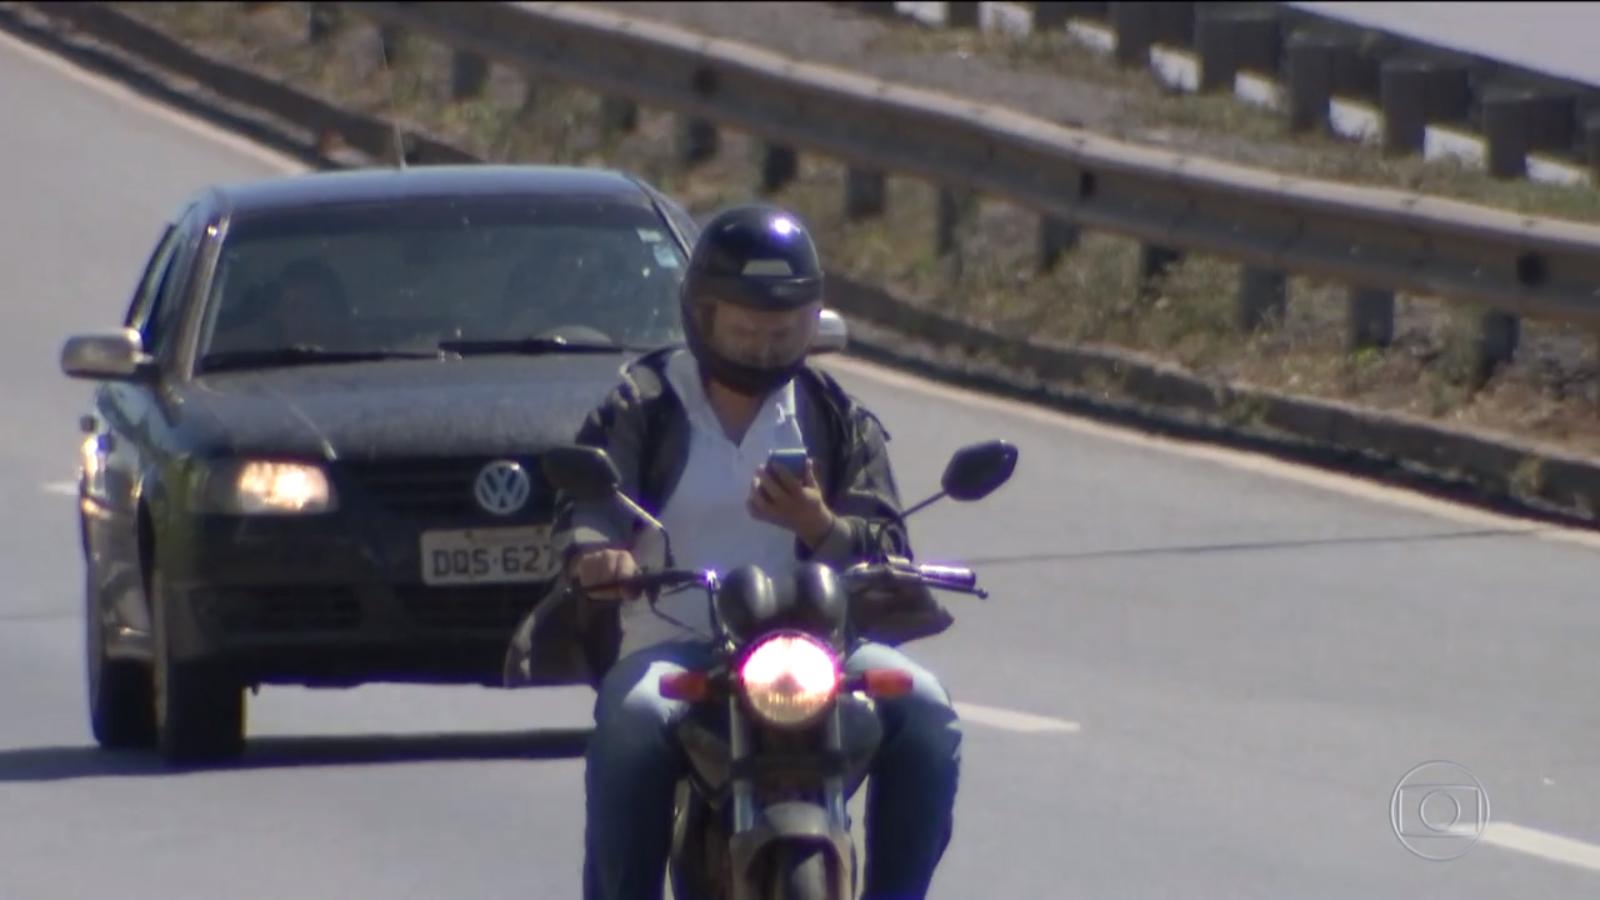 motociclista com celular